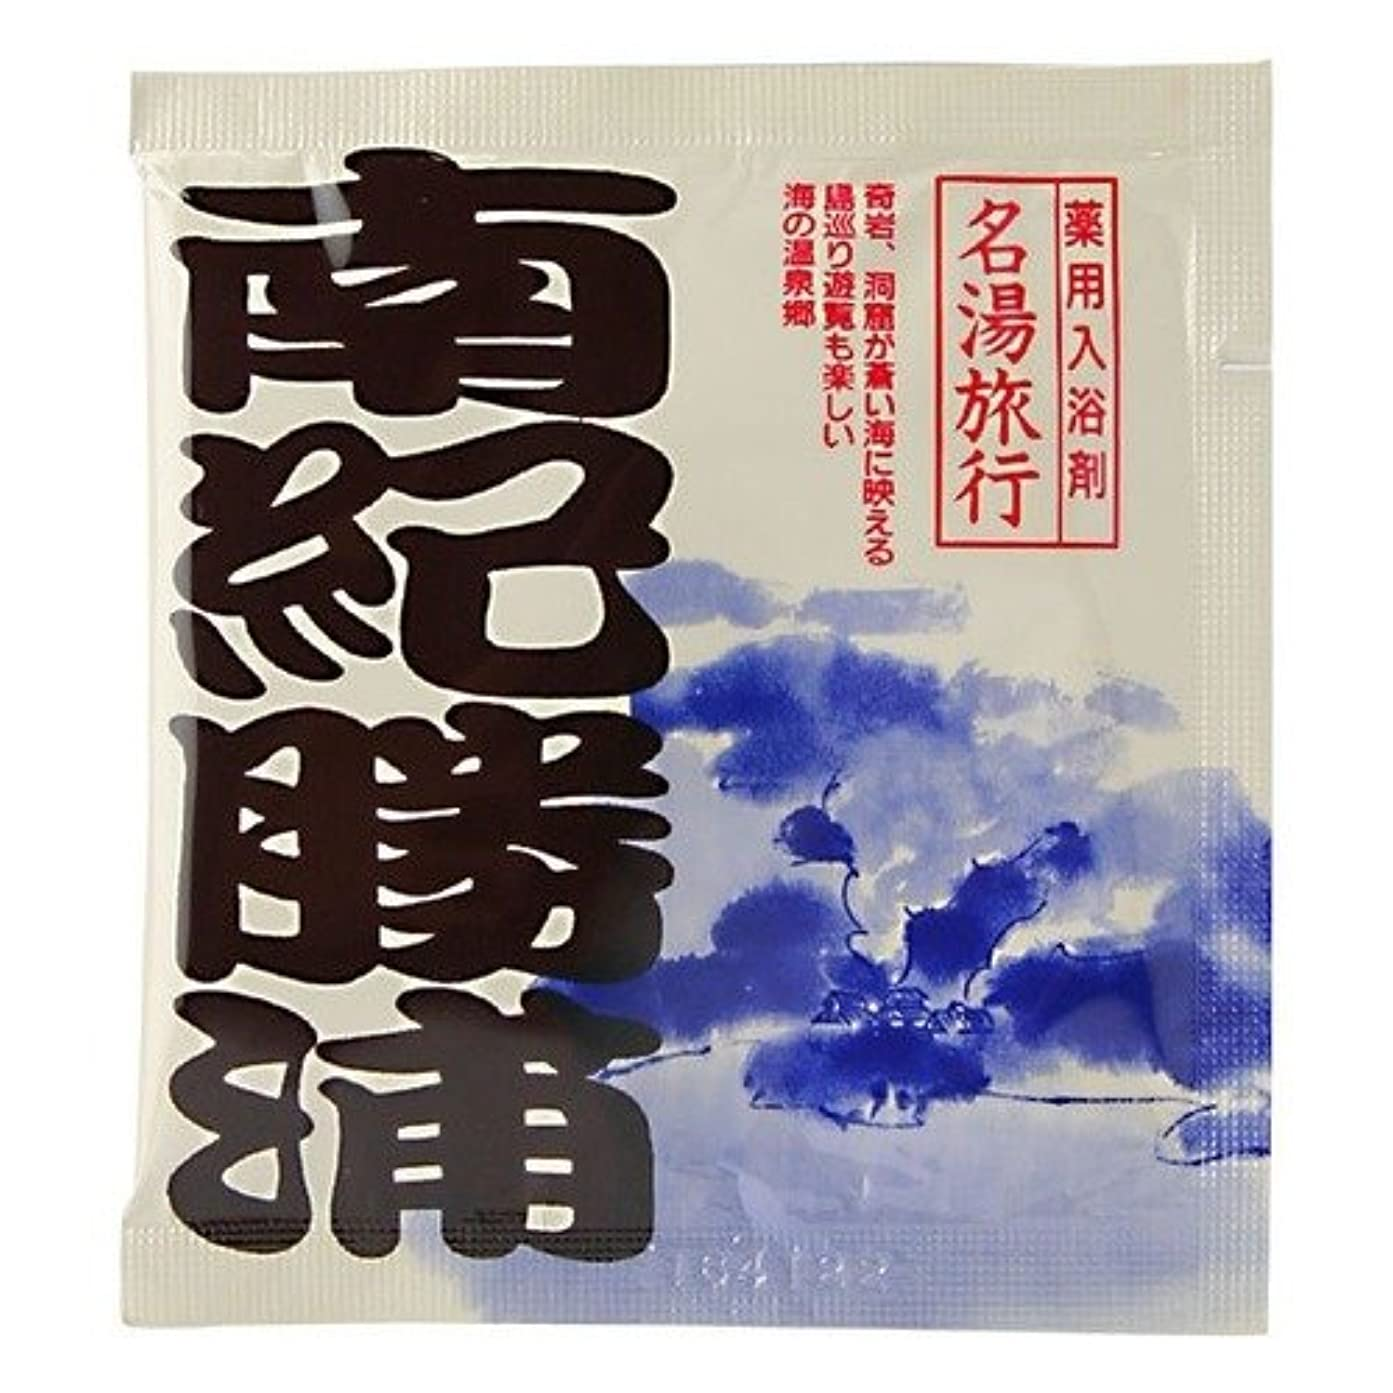 上へグッゲンハイム美術館緊急五洲薬品 名湯旅行 南紀勝浦 25g 4987332126737